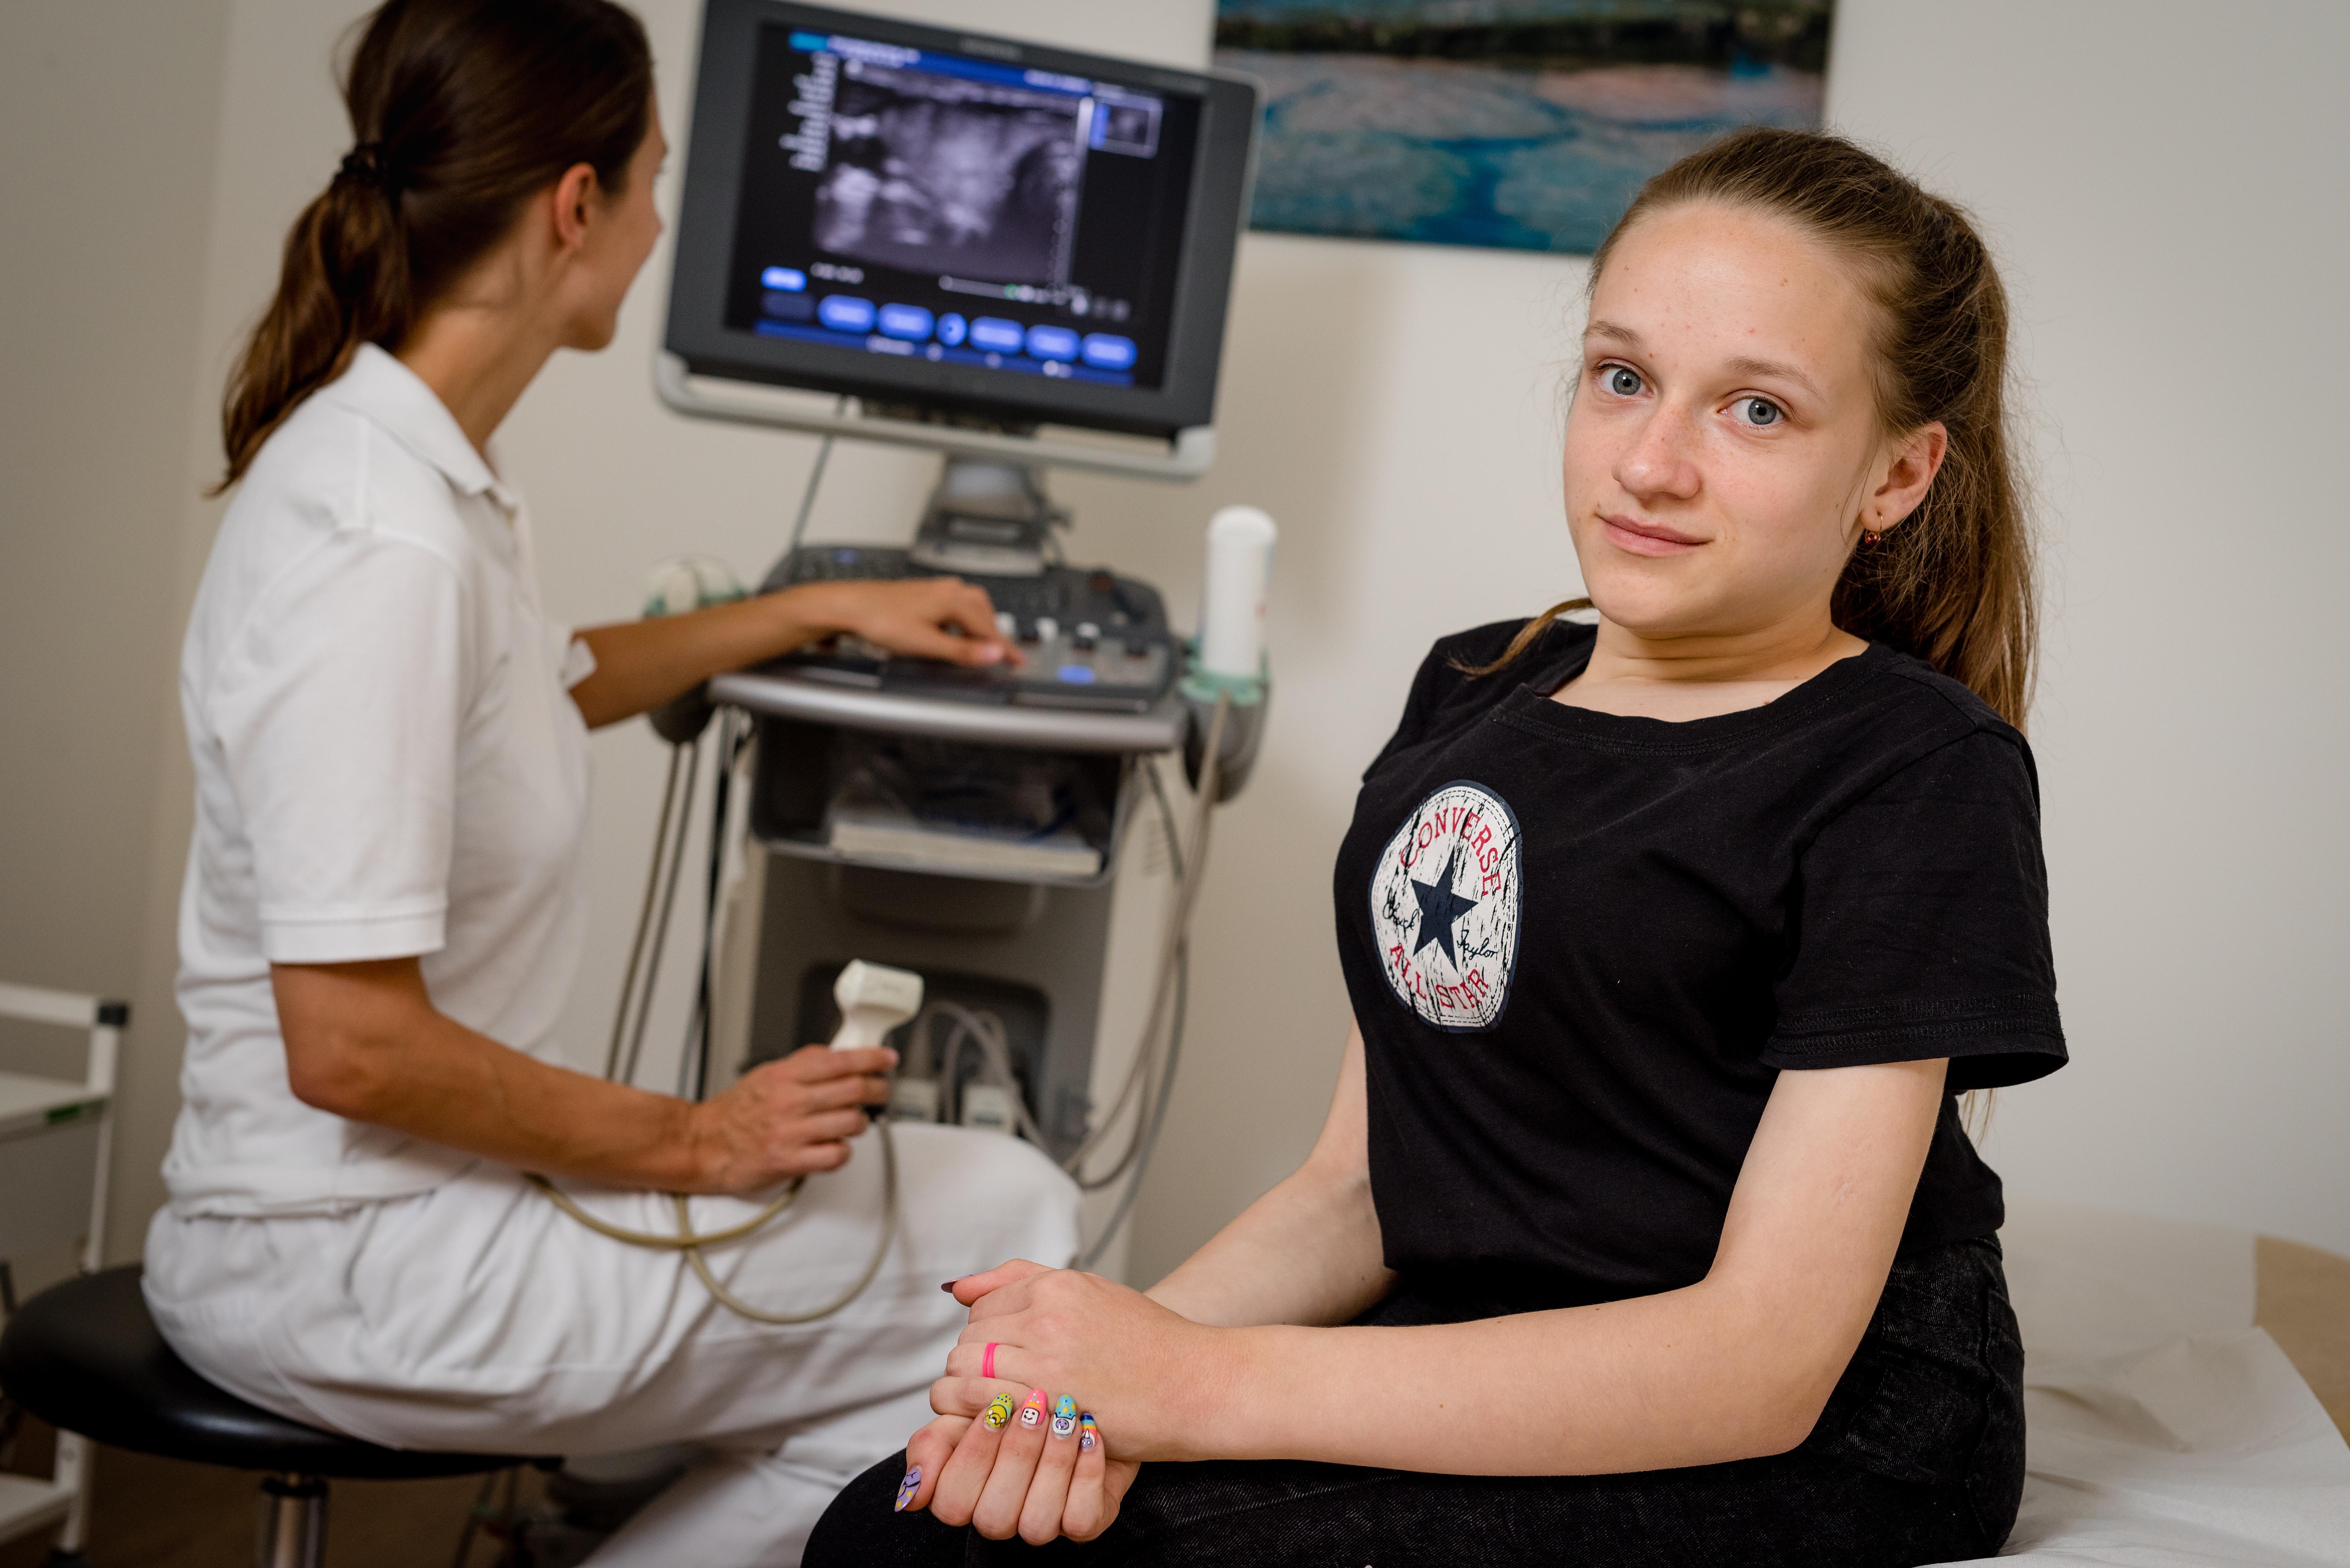 Im Medizinischen Versorgungszentrum der Schön Klinik Hamburg Eilbek werden Jugendliche aus Tschernobyl an der Schilddrüse untersucht. Diana Ruban, 16 wird von Frau Dr. Christiane Klene, Nuklearmedizinerin untersucht.